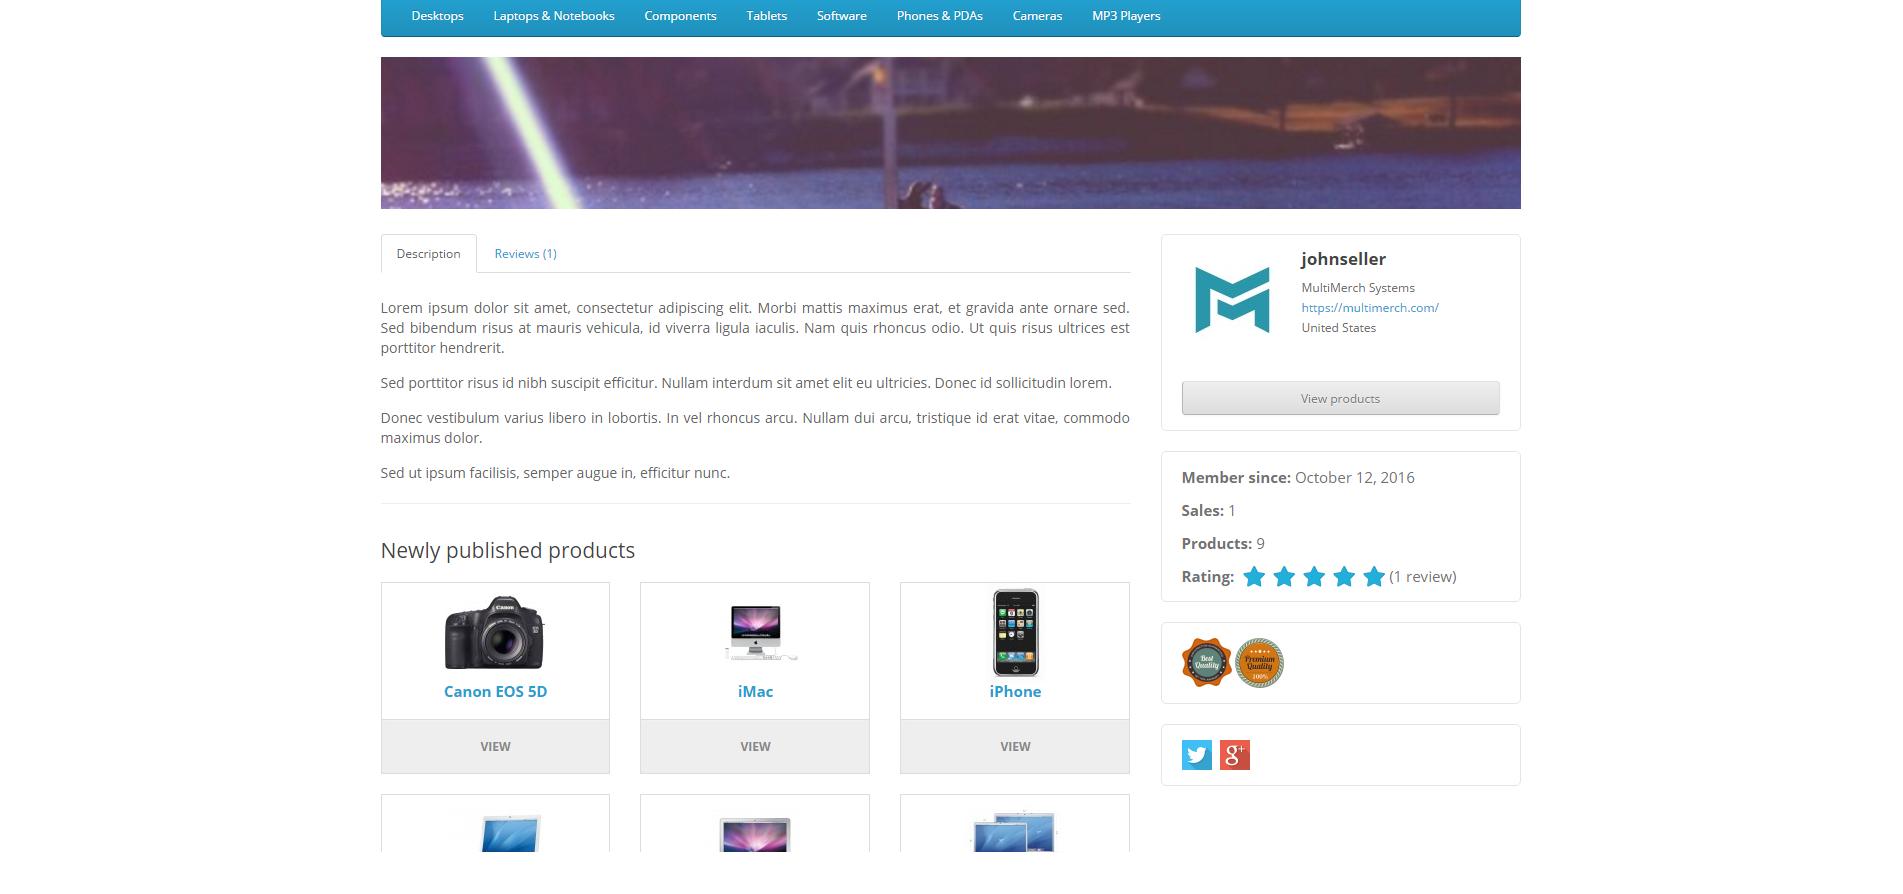 MultiMerch Marketplace Professional - мультивендорная платформа для продавцов v8.9 для OpenCart и ocStore изображение №16